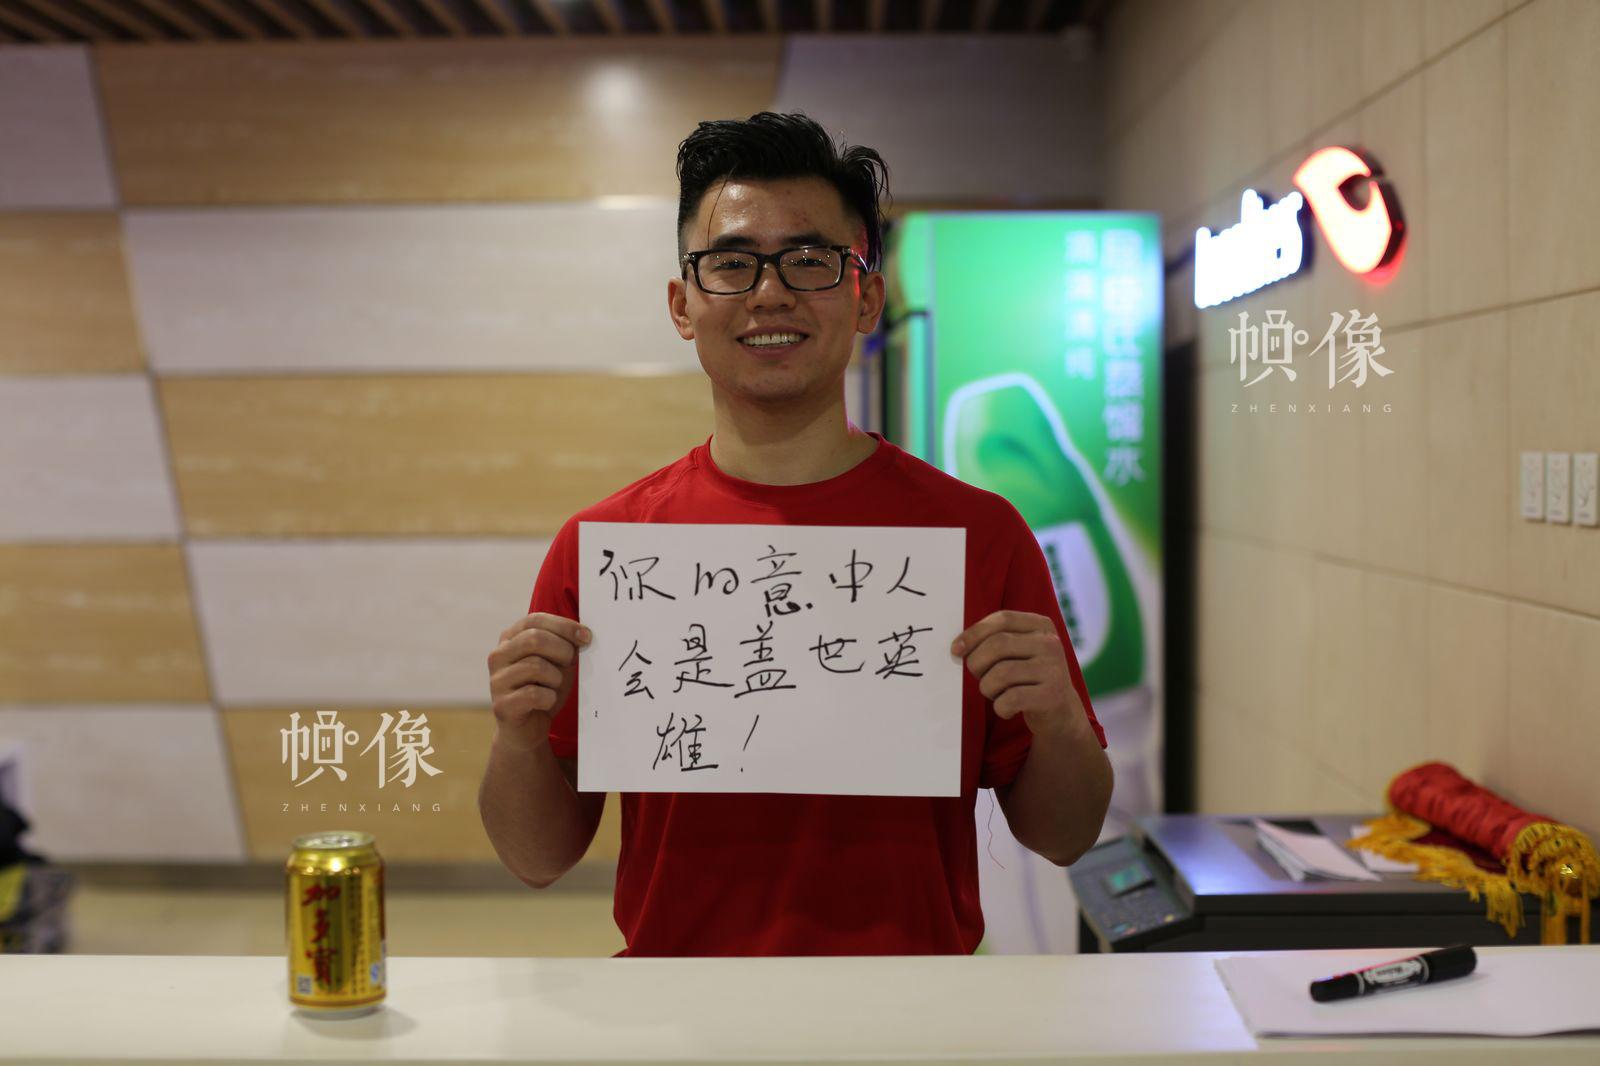 图为私人教练李重阳。中国网记者 黄富友摄